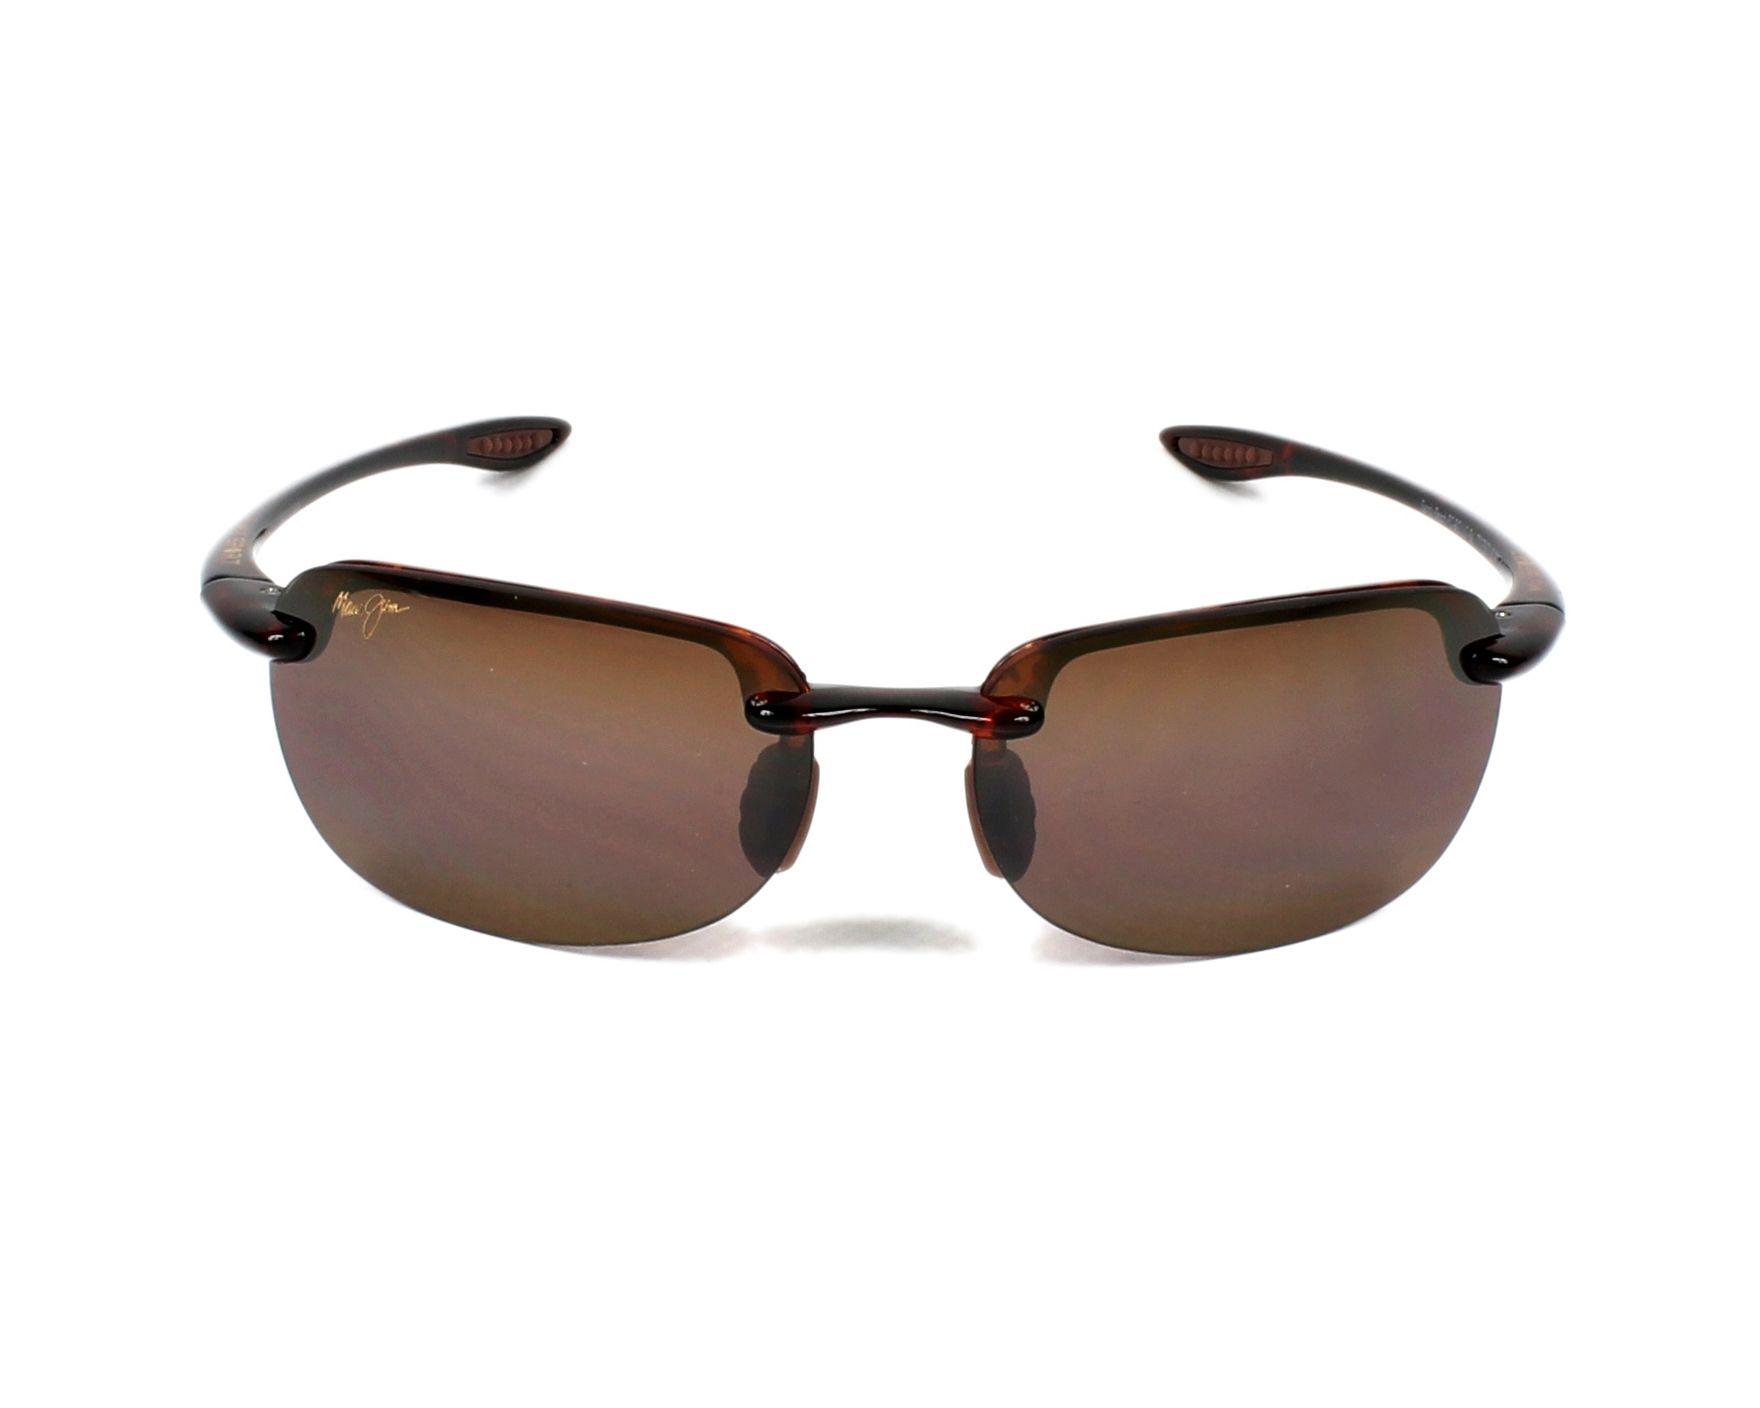 ce6b176b66 Gafas de sol Maui Jim H-408 10 56-15 Havana vista de frente